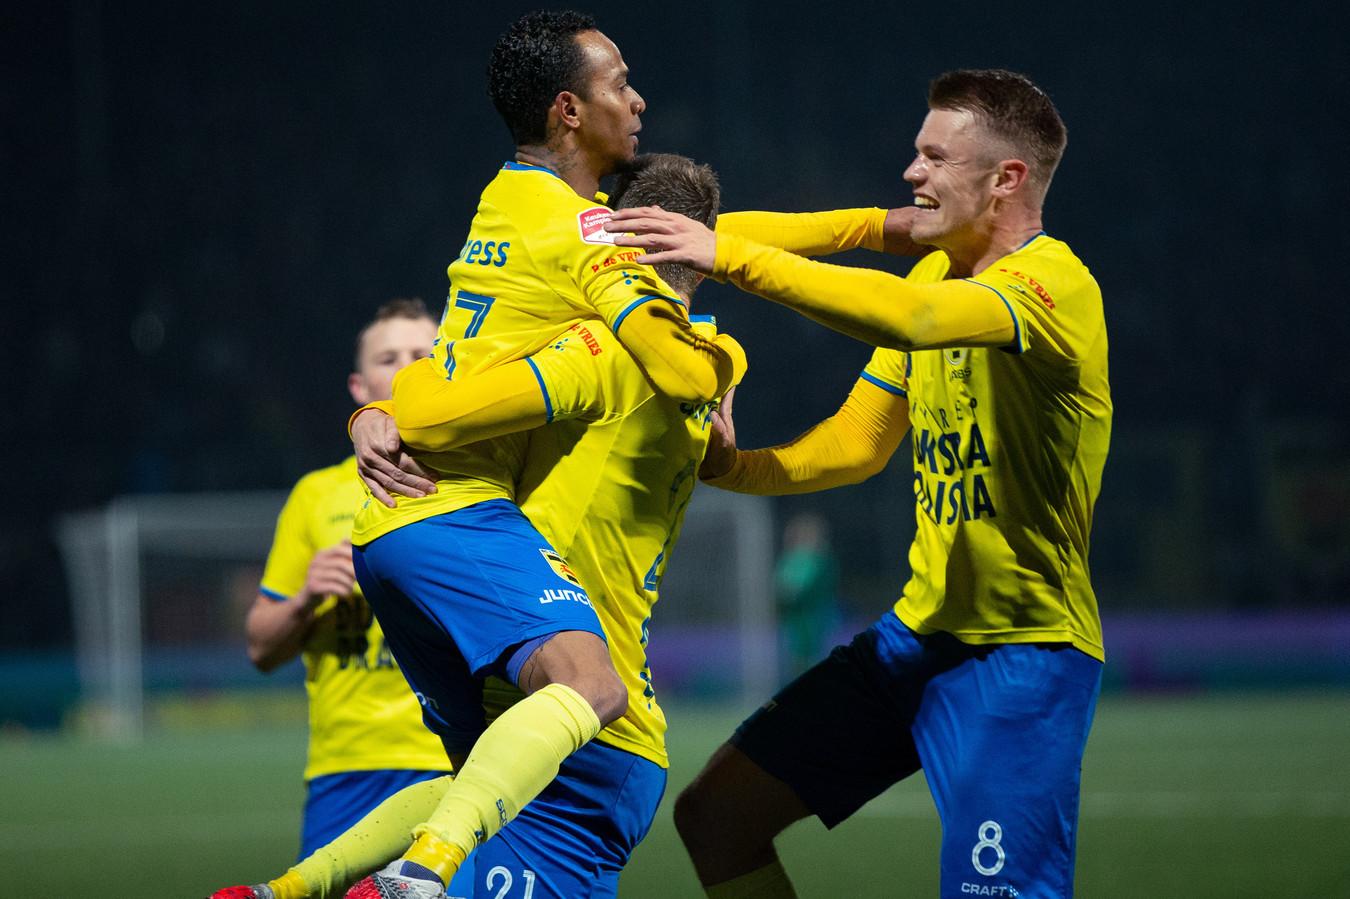 Jarchinio Antonia, Robert Mühren en Jacobs vieren de 2-0 van laatstgenoemde.